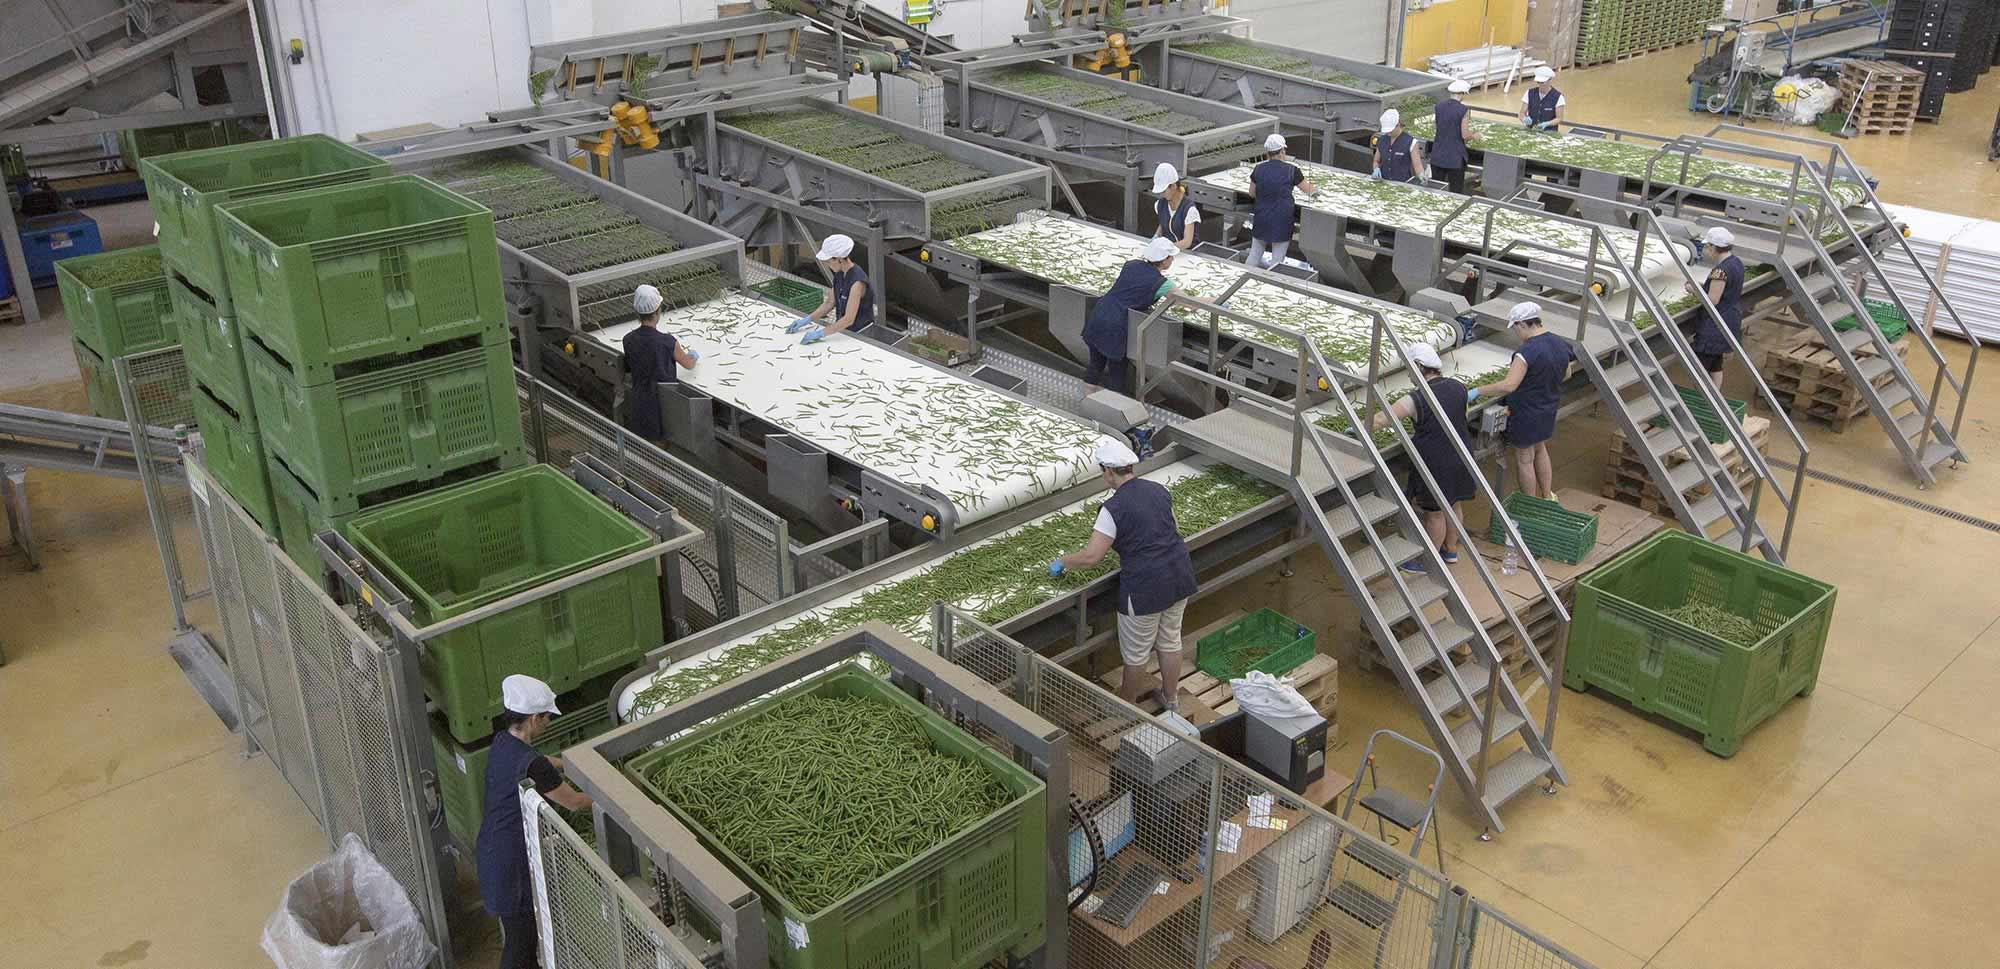 grilli clarice produzione e vendita fagiolini azienda